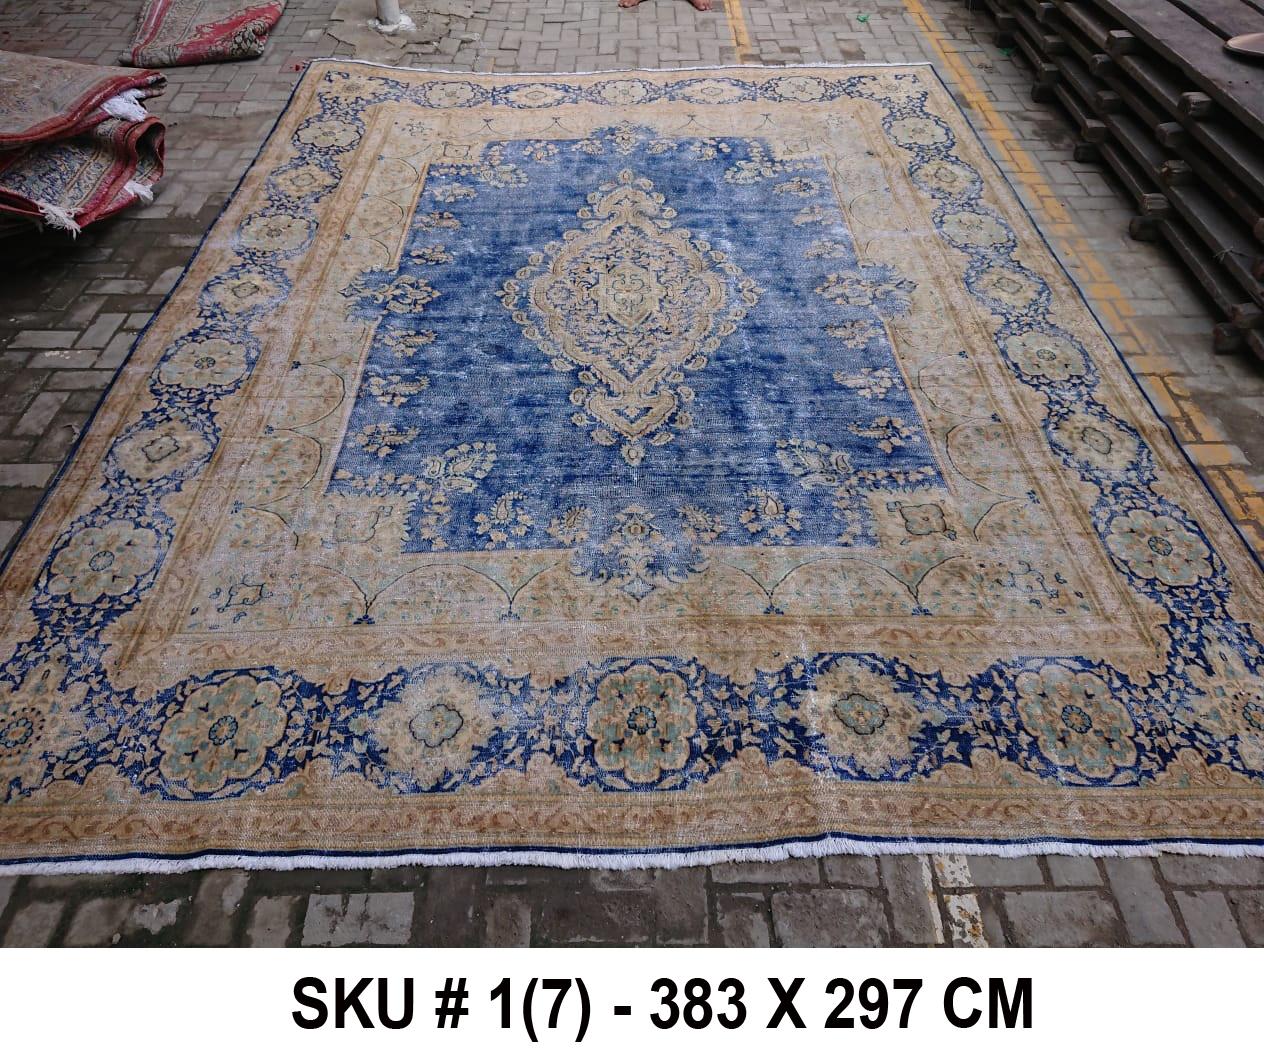 Vintage vloerkleed zandkleur met blauw, nr.98003, 383cm x 297cm